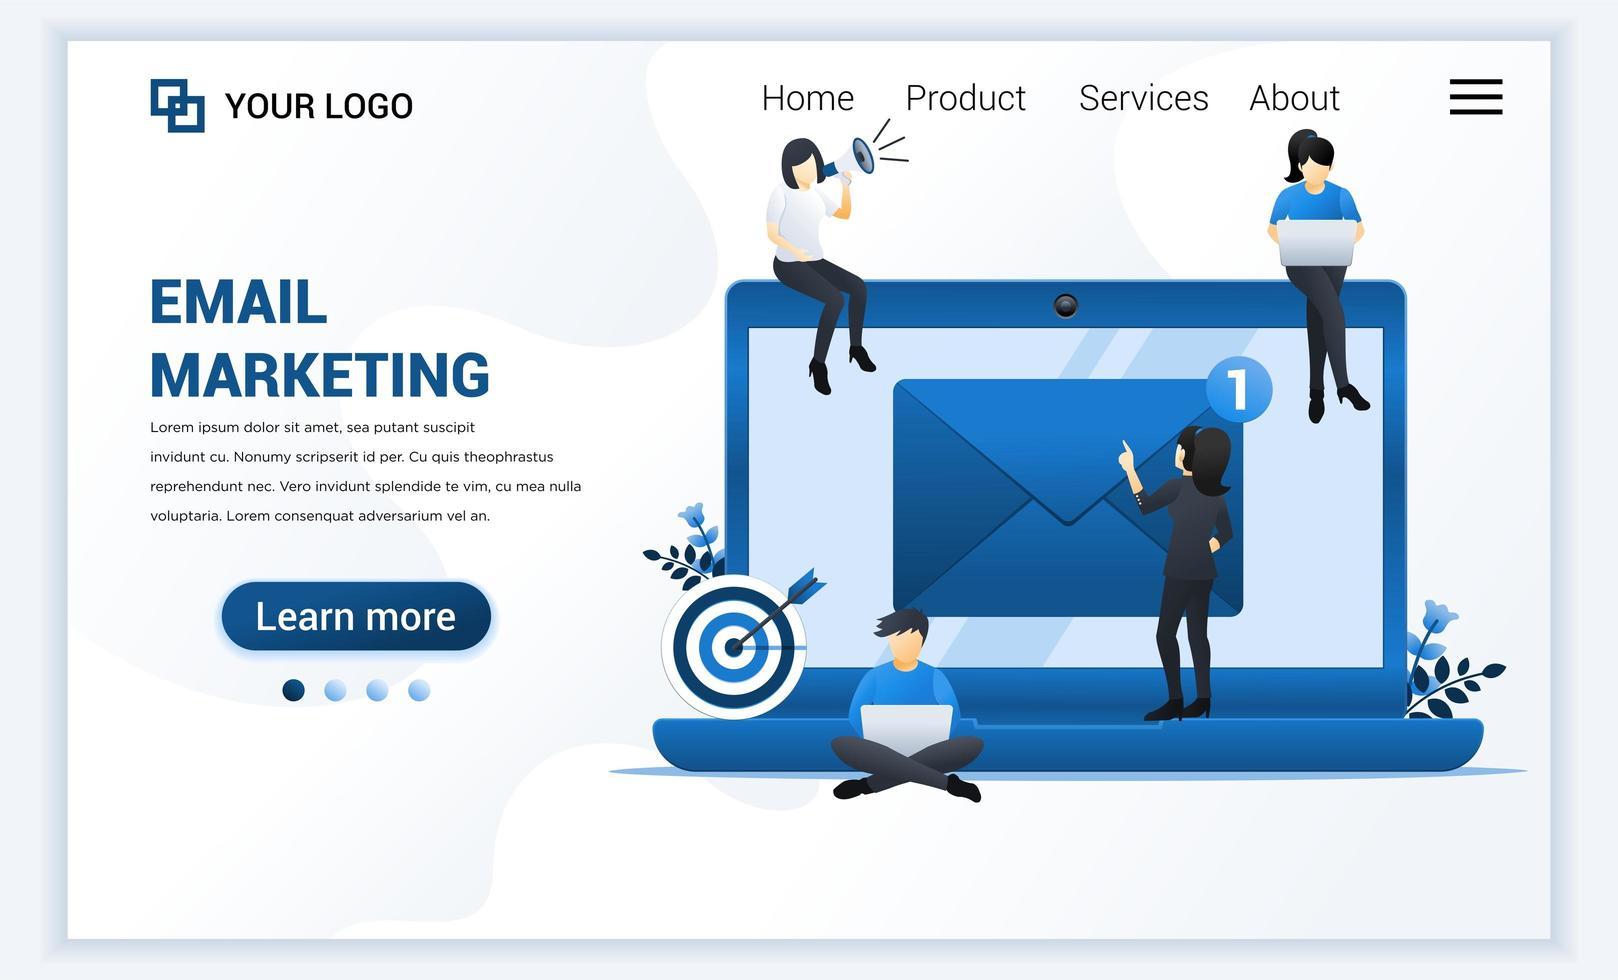 modello di pagina di destinazione dell'email marketing, servizi di mailing con persone che lavorano su laptop. moderno concetto di design di pagina web piatta per sito Web e sito Web mobile. illustrazione vettoriale